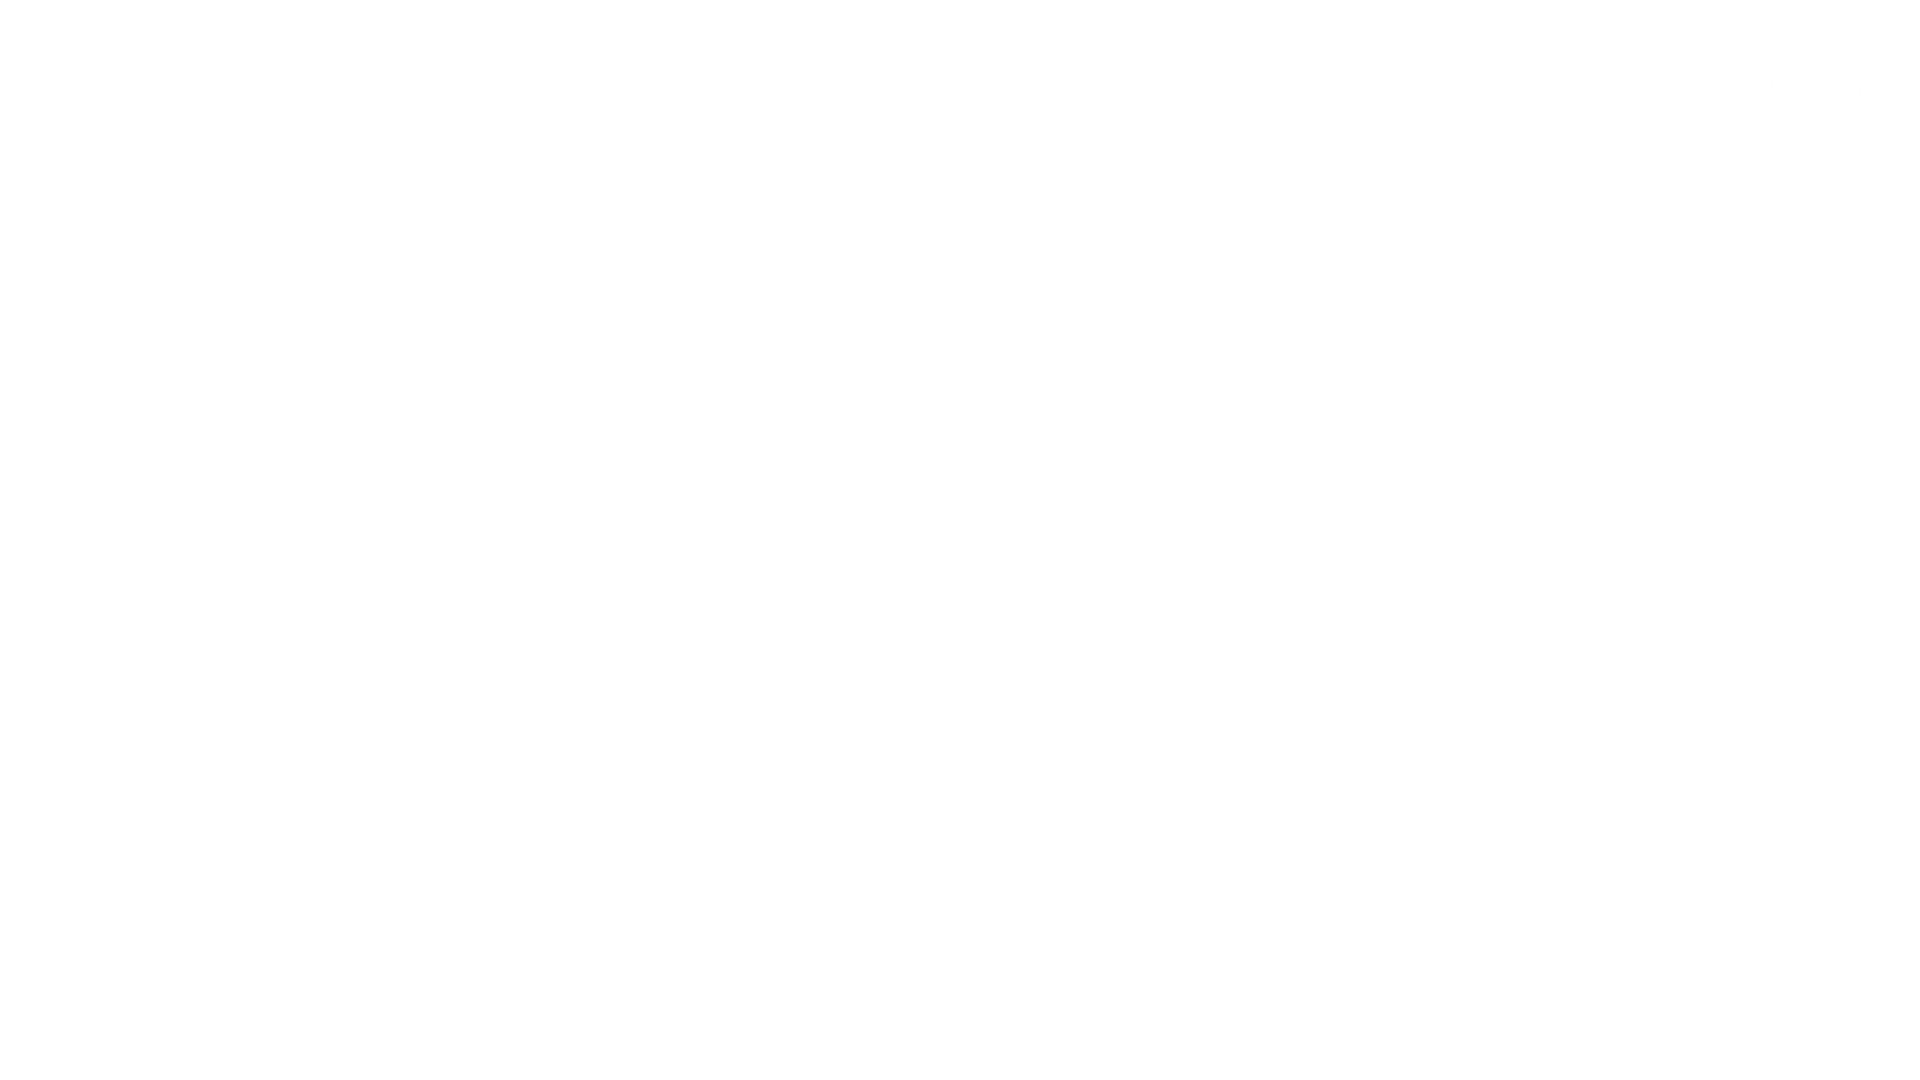 至高下半身盗撮-PREMIUM-【院内病棟編 】 vol.01 洗面所 隠し撮りオマンコ動画紹介 38PICs 34